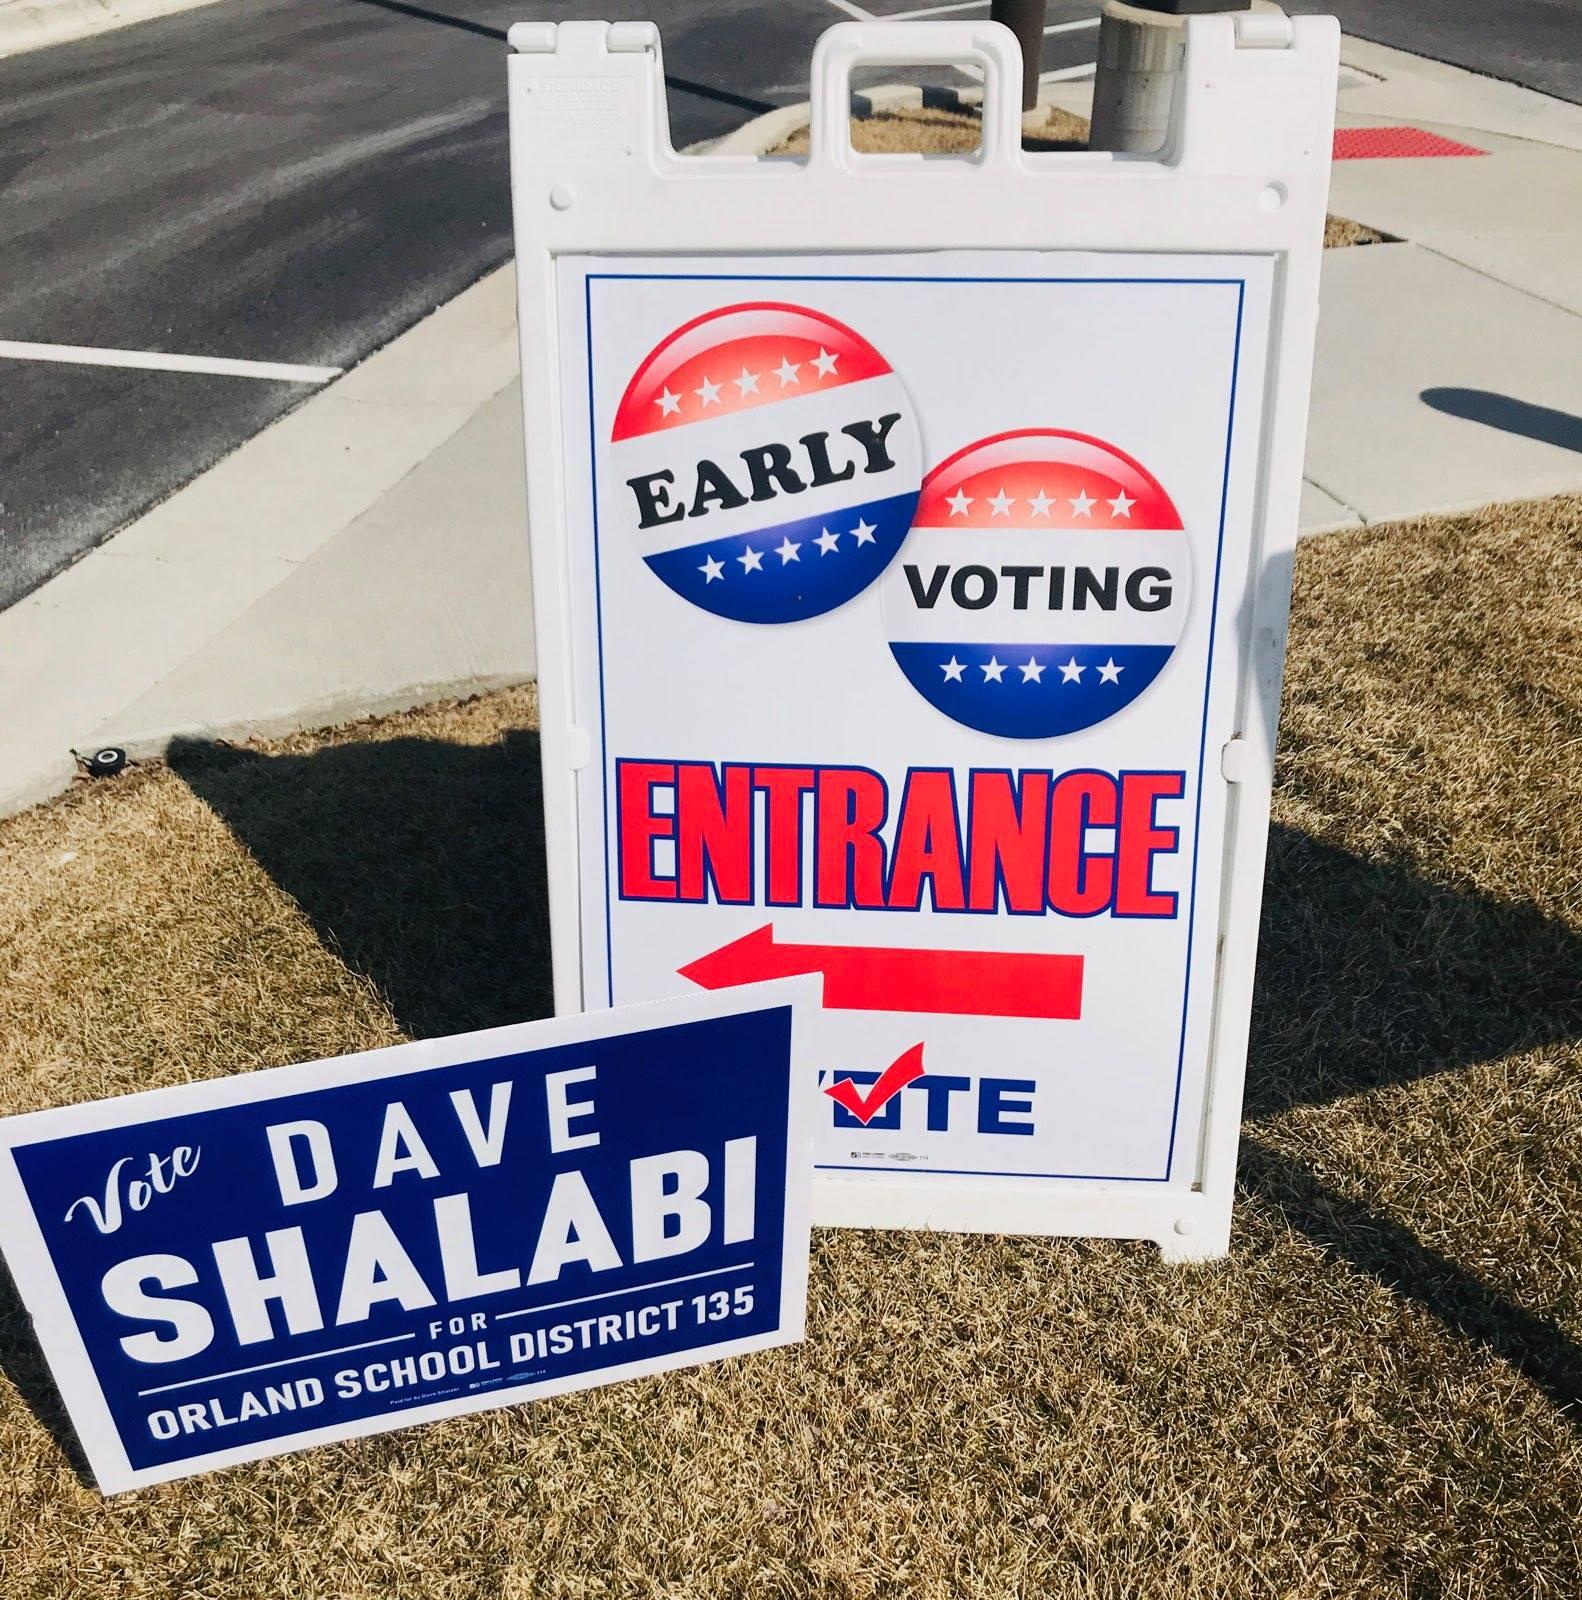 Dave Shalabi signs.jpg